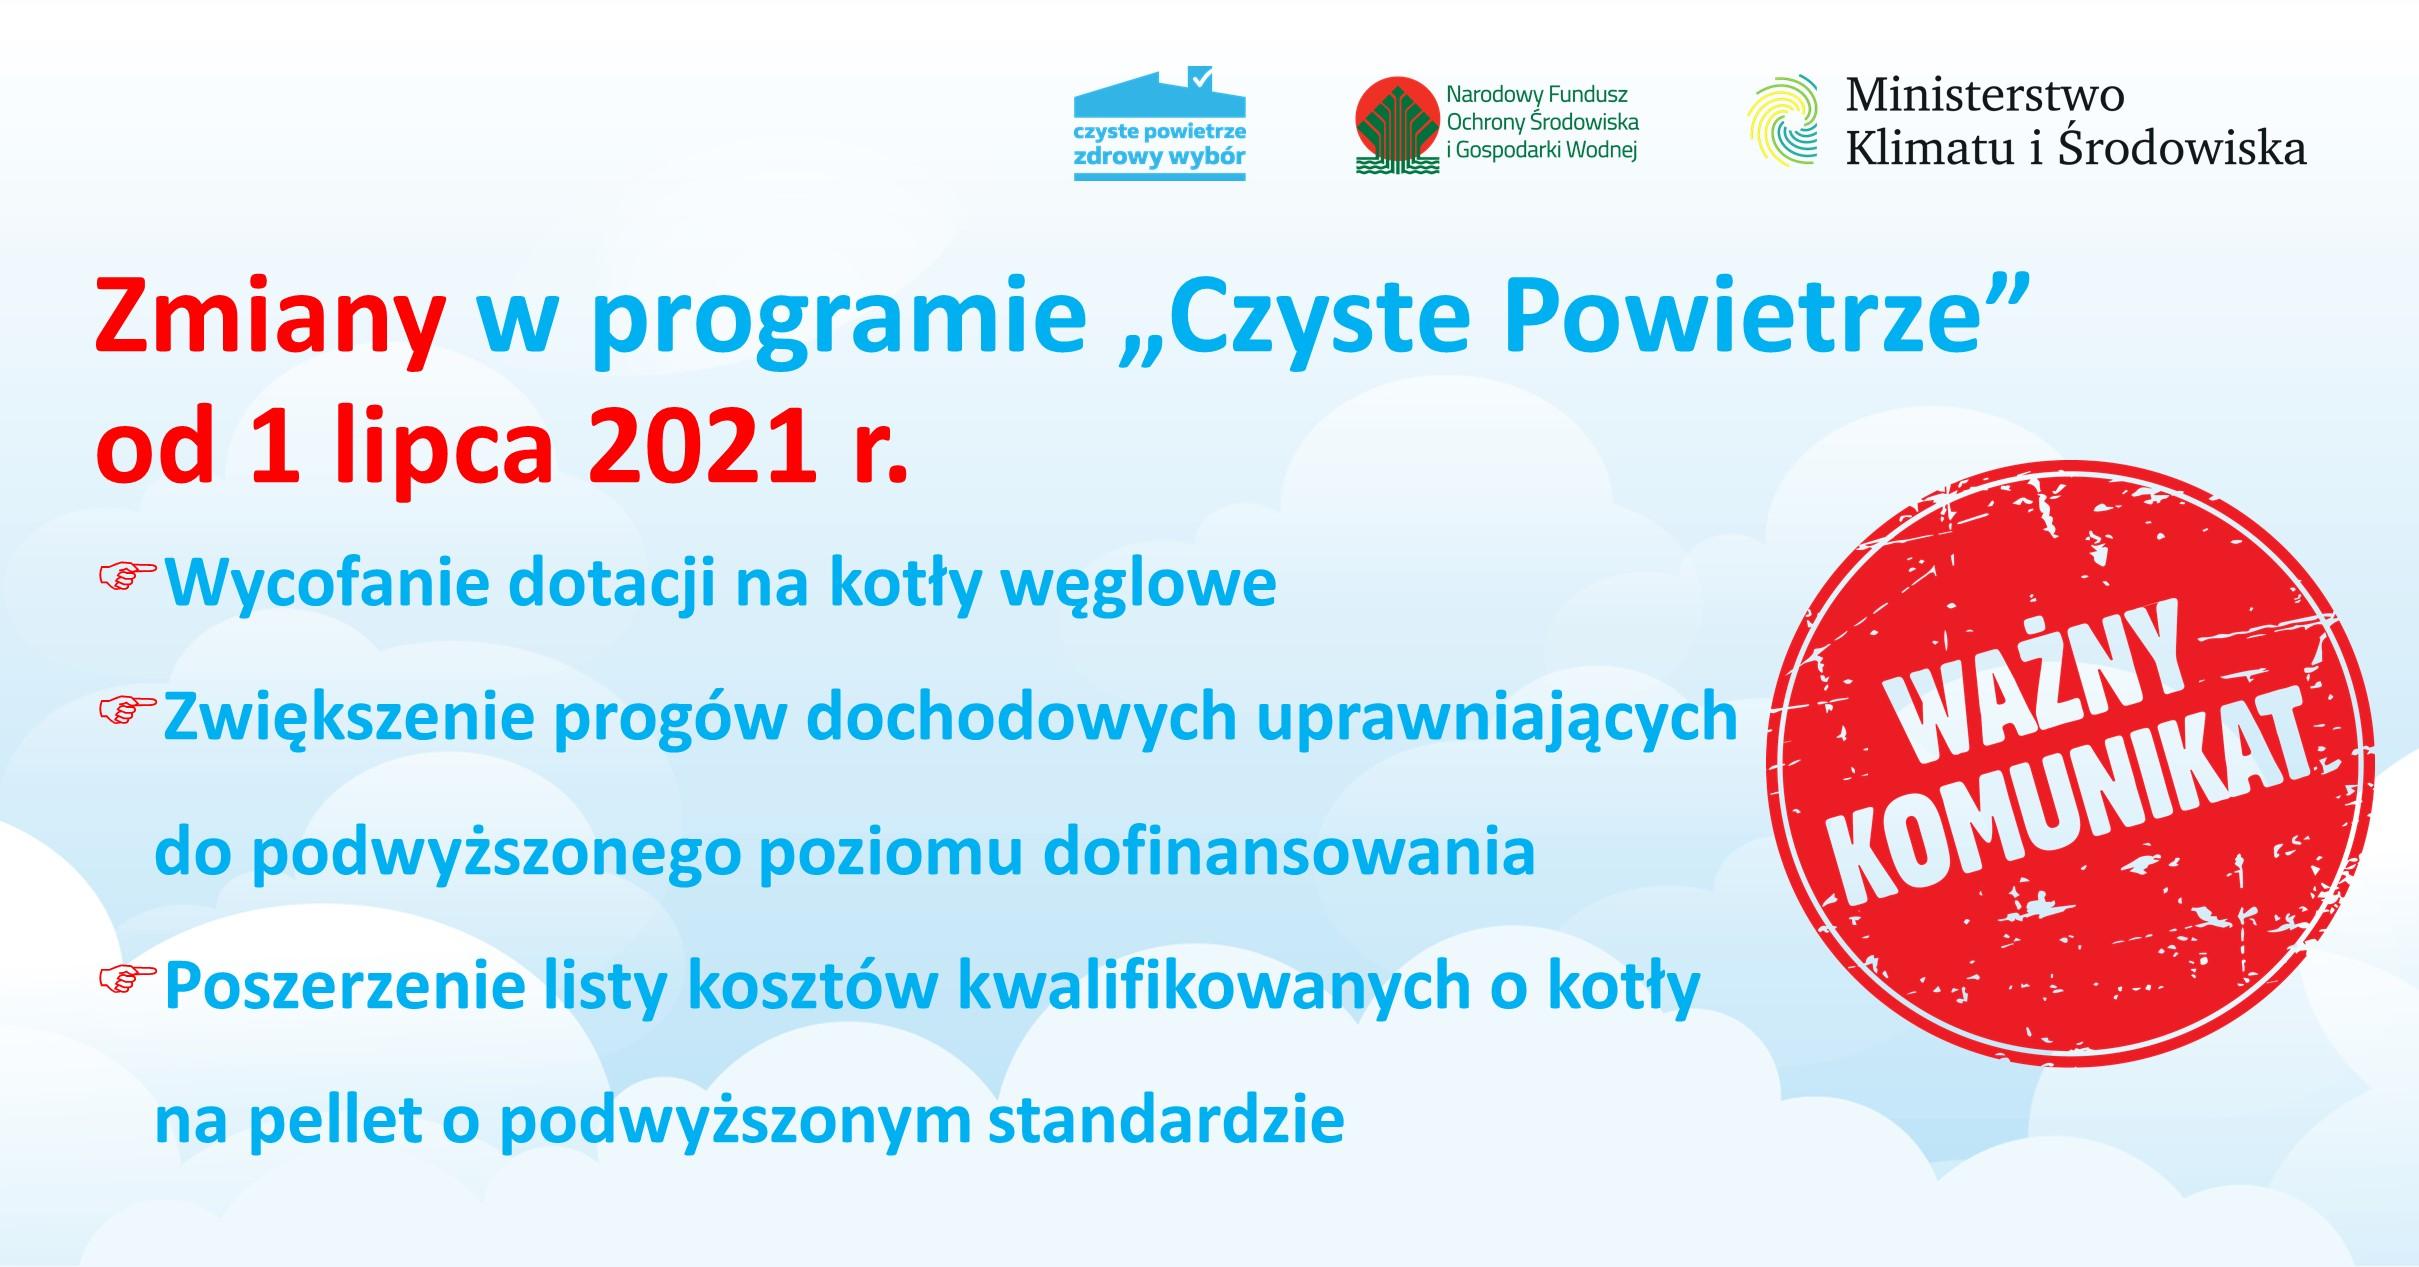 Zmiany w PP Czyste powietrze od 1 lipca 2021 r.